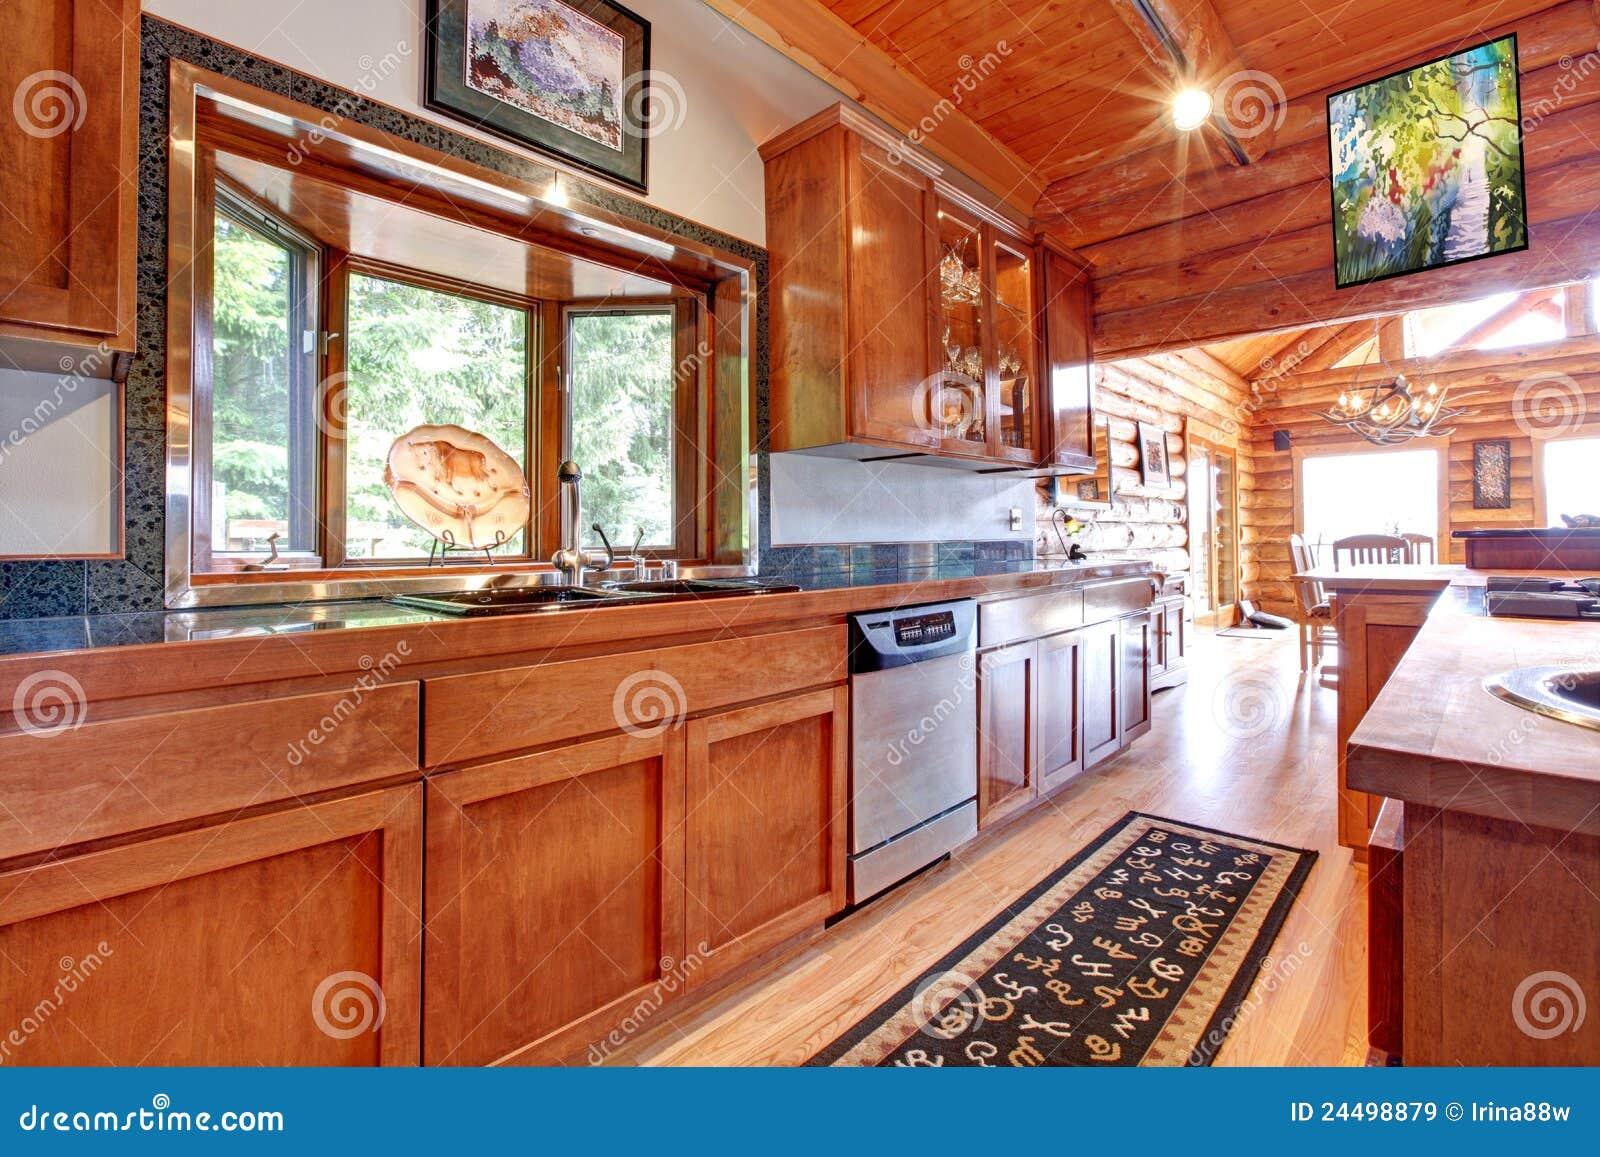 Großer Küche Lof Kabinen-Hausinnenraum. Stockbild - Bild von ...